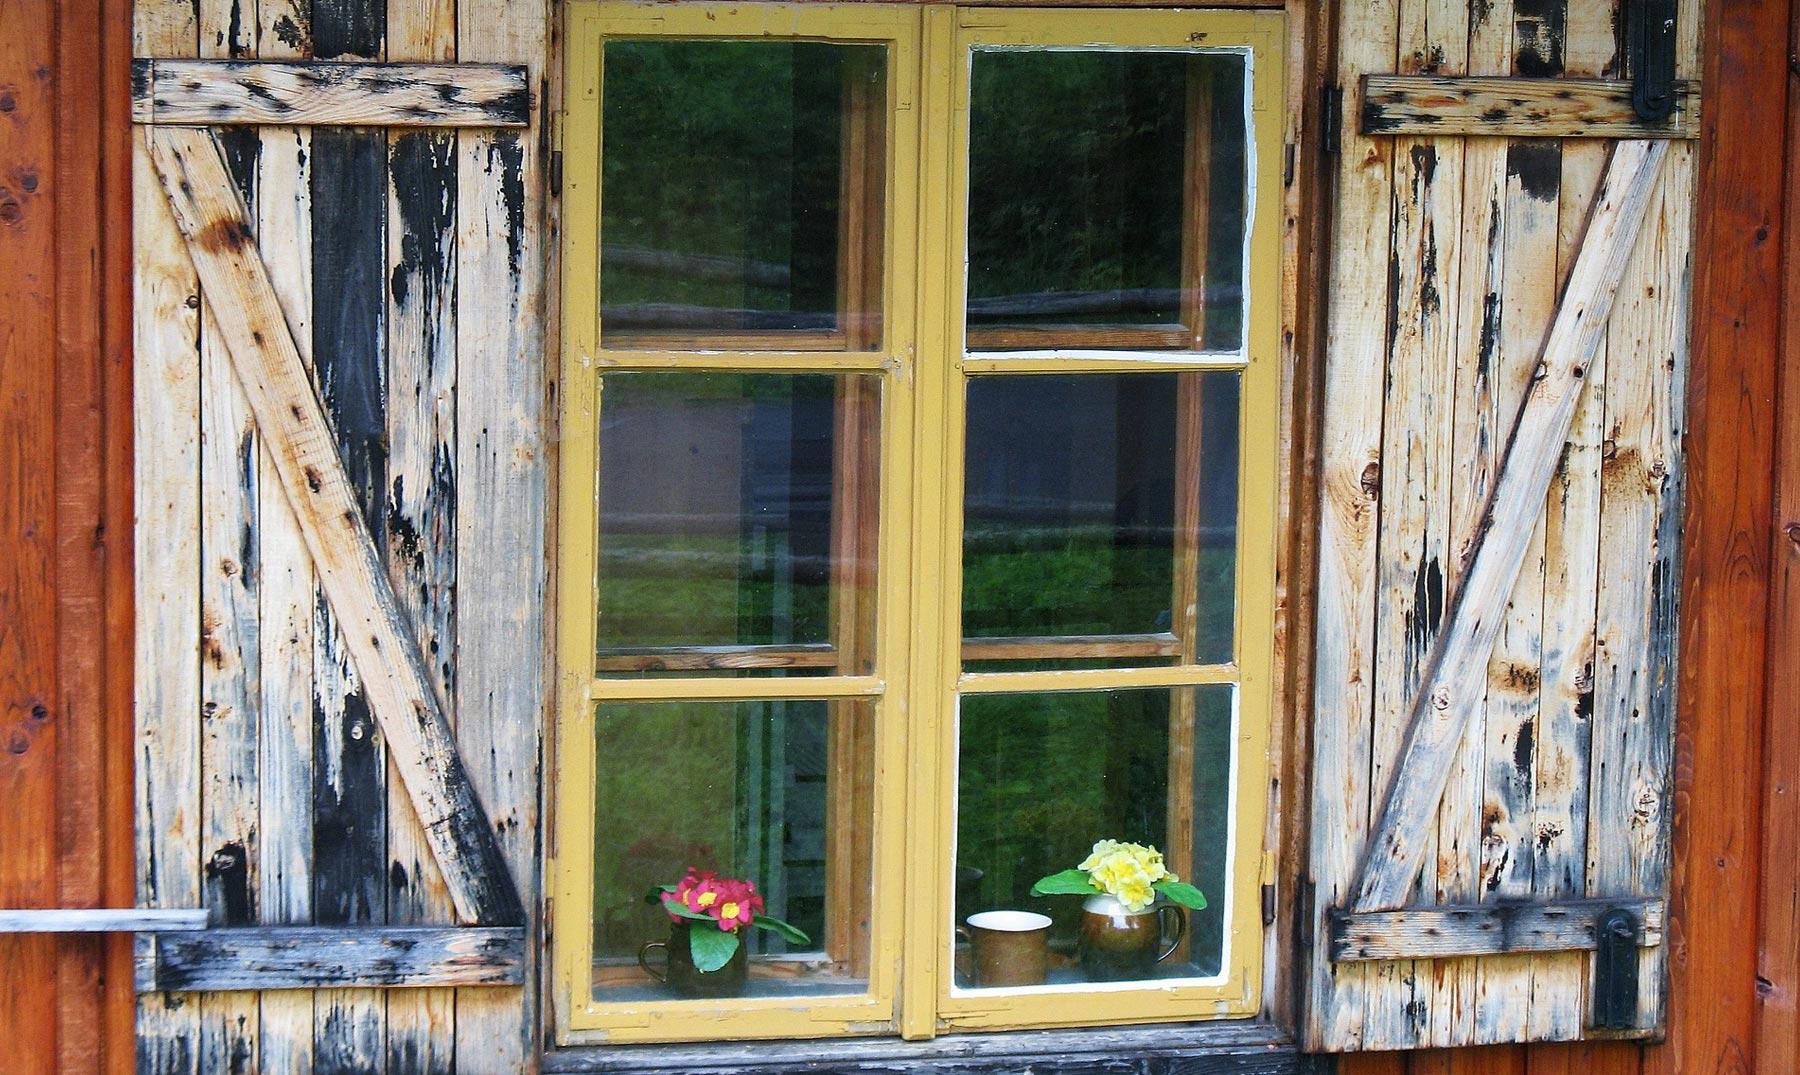 Mantenimiento ecológico para tu hogar